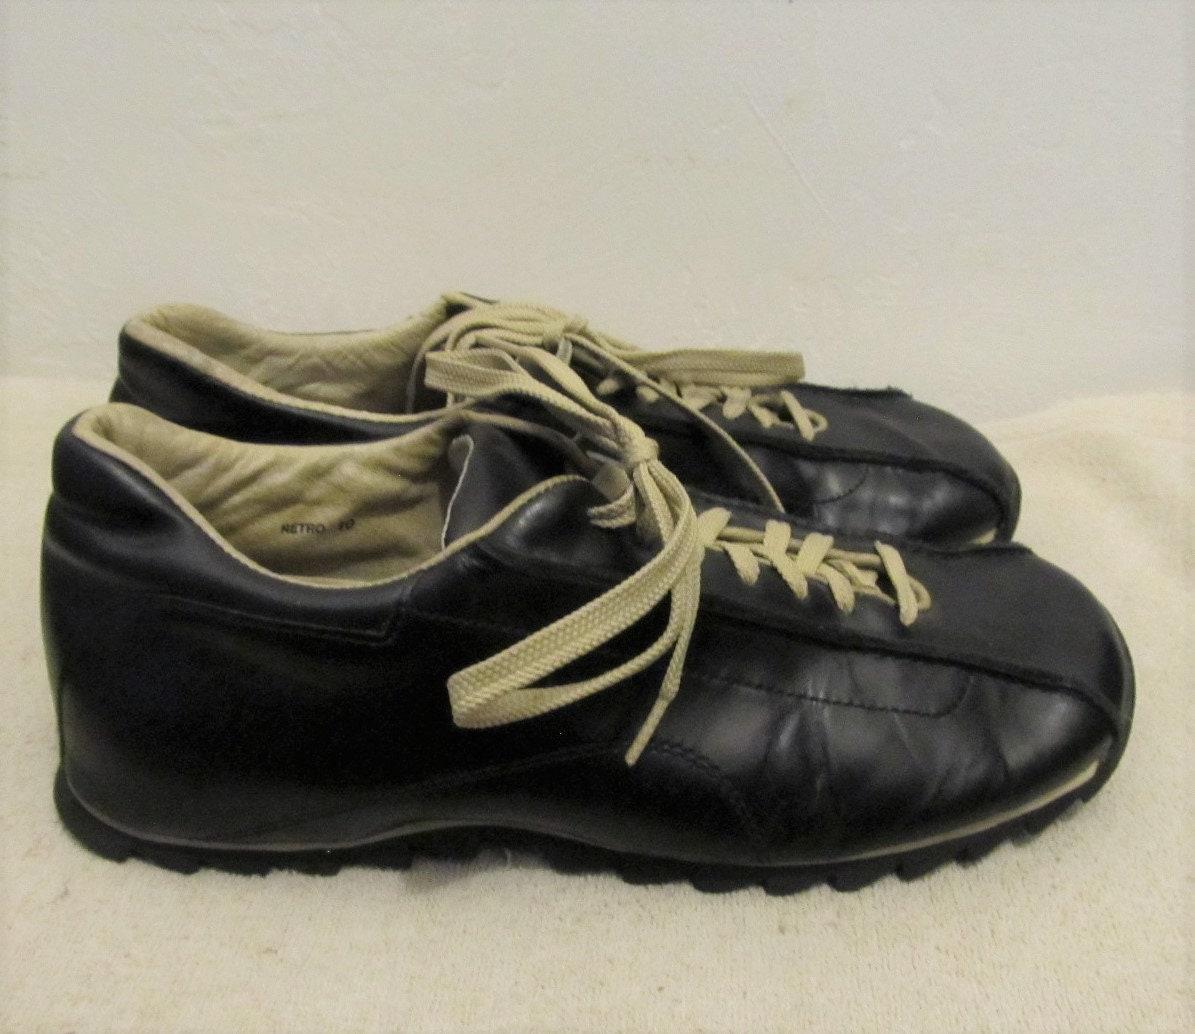 5dad2c4442a72 Men's M0D Vintage Black Square Front,Retro Shoes By STEVE MADDEN.10